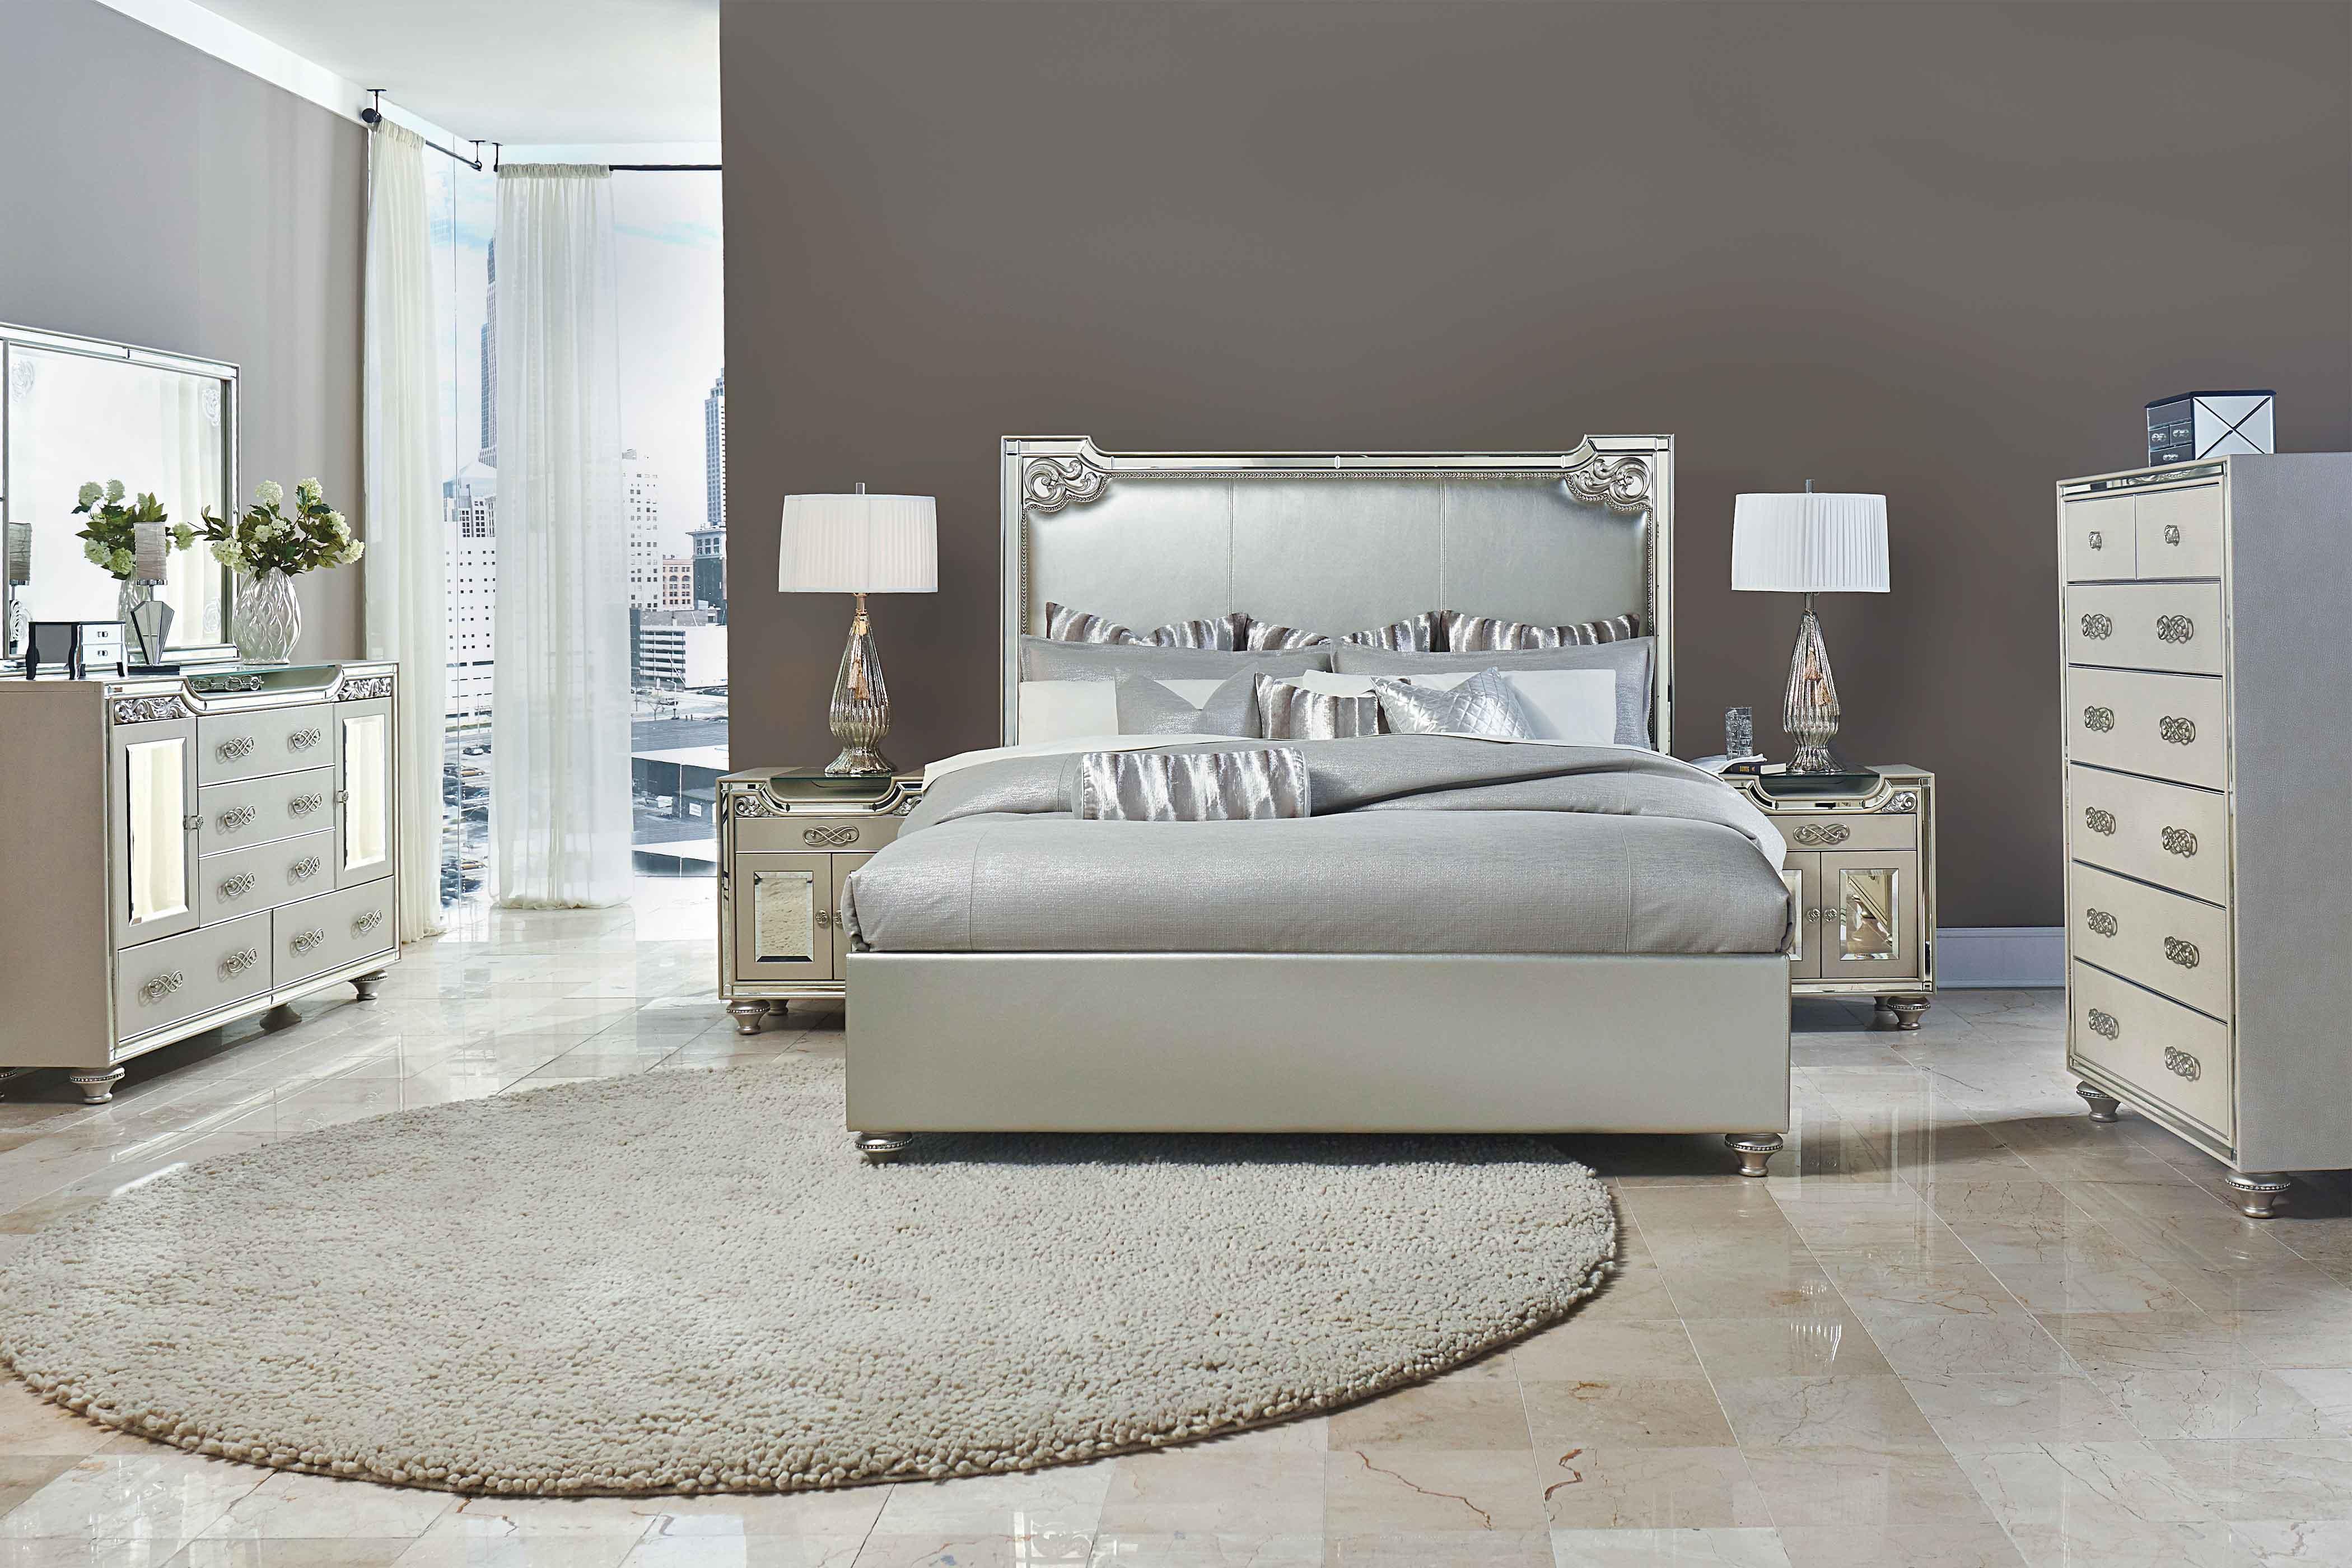 Aico Bel Air Park Bedroom Collection Broadway Furniture - Aico bedroom sets